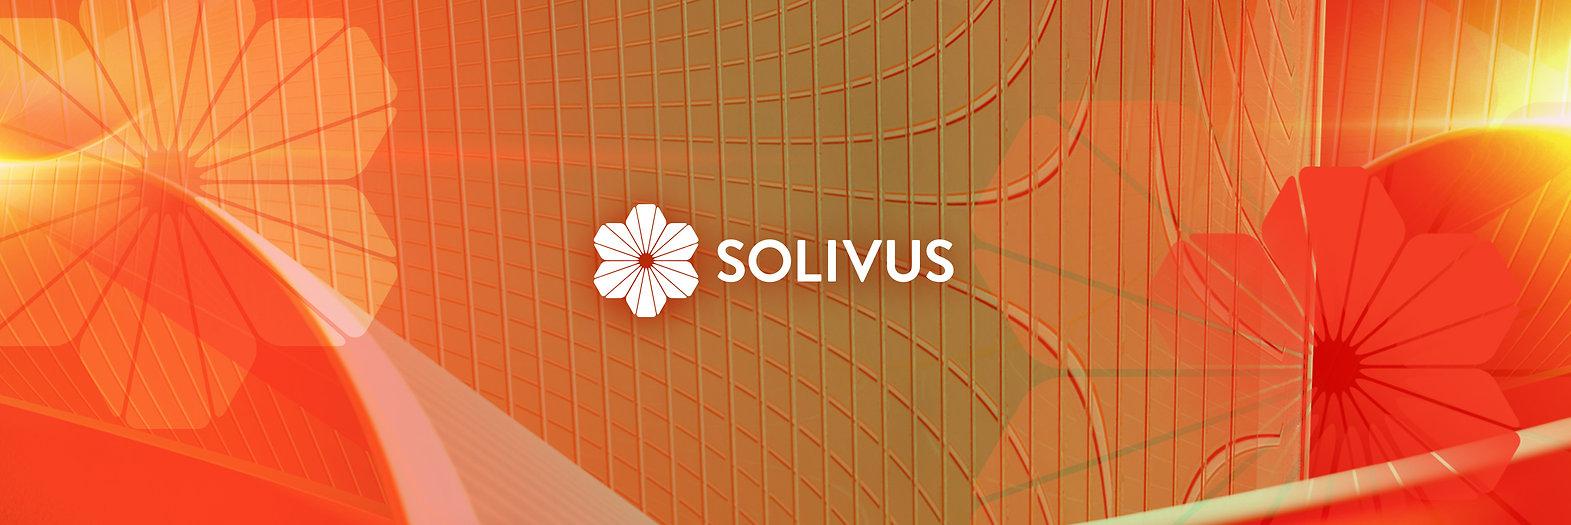 solivus_title_v4.jpg